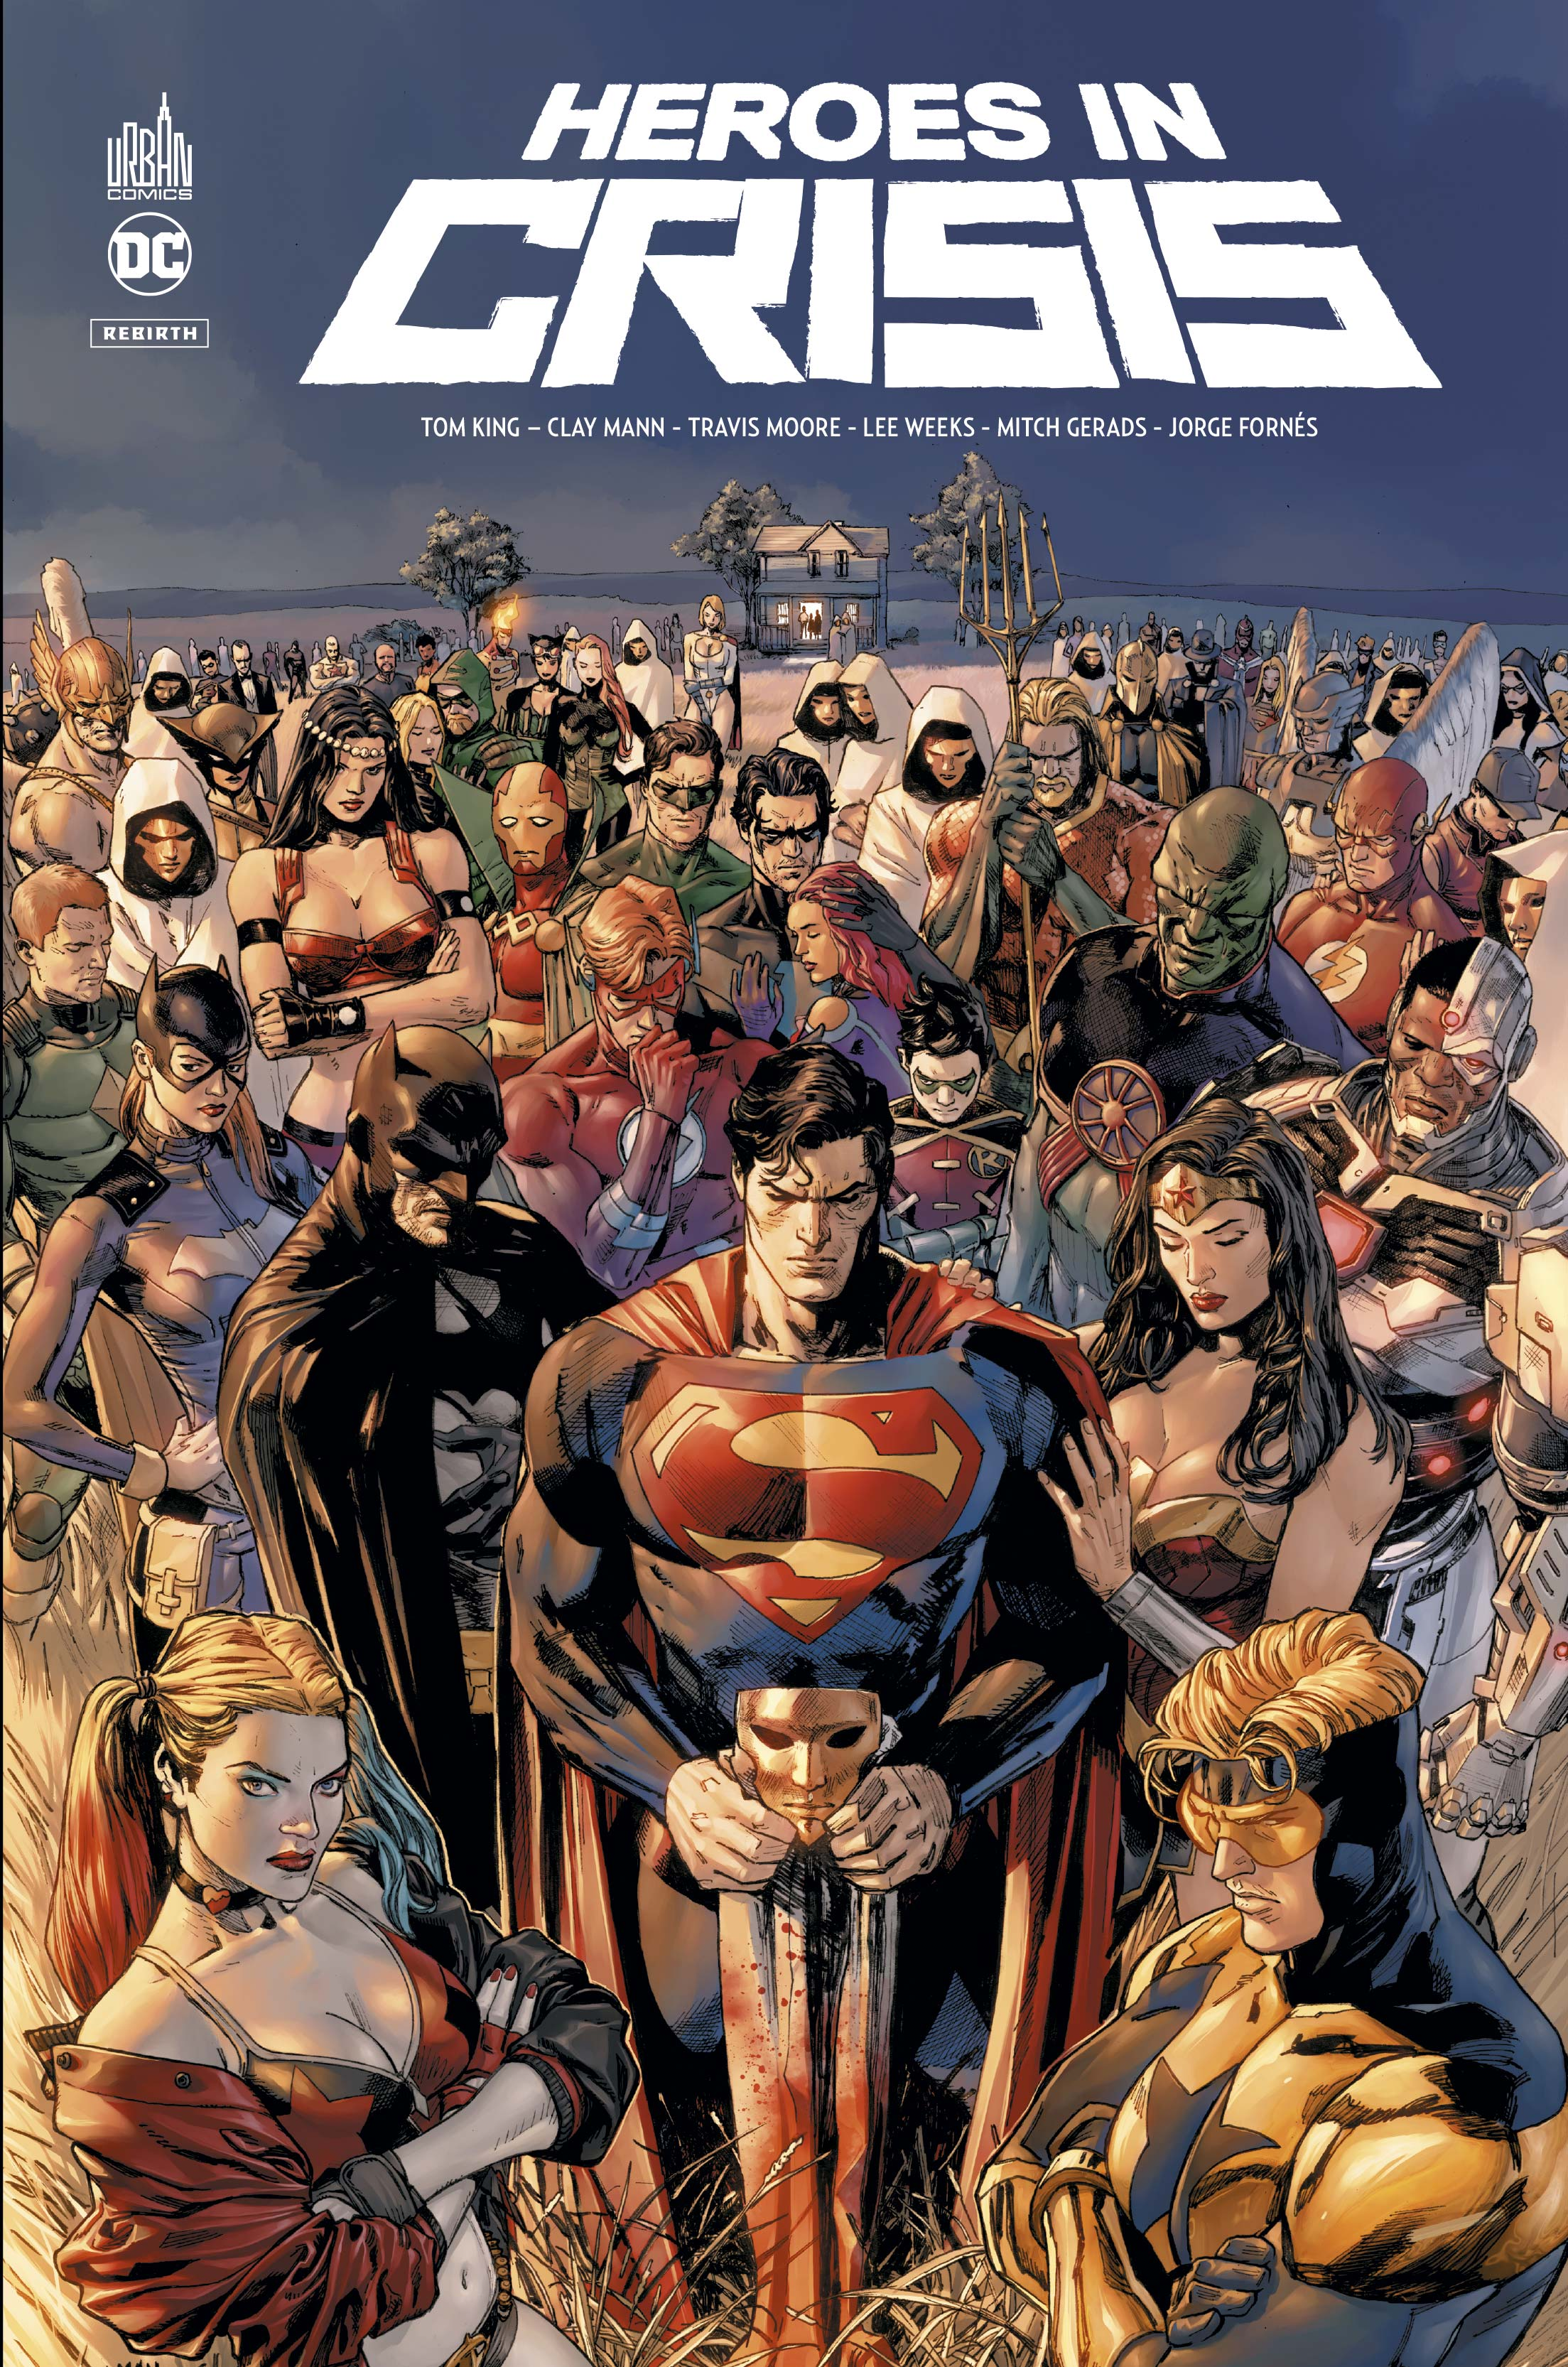 Heroes in Crisis 1 - Heroes in crisis